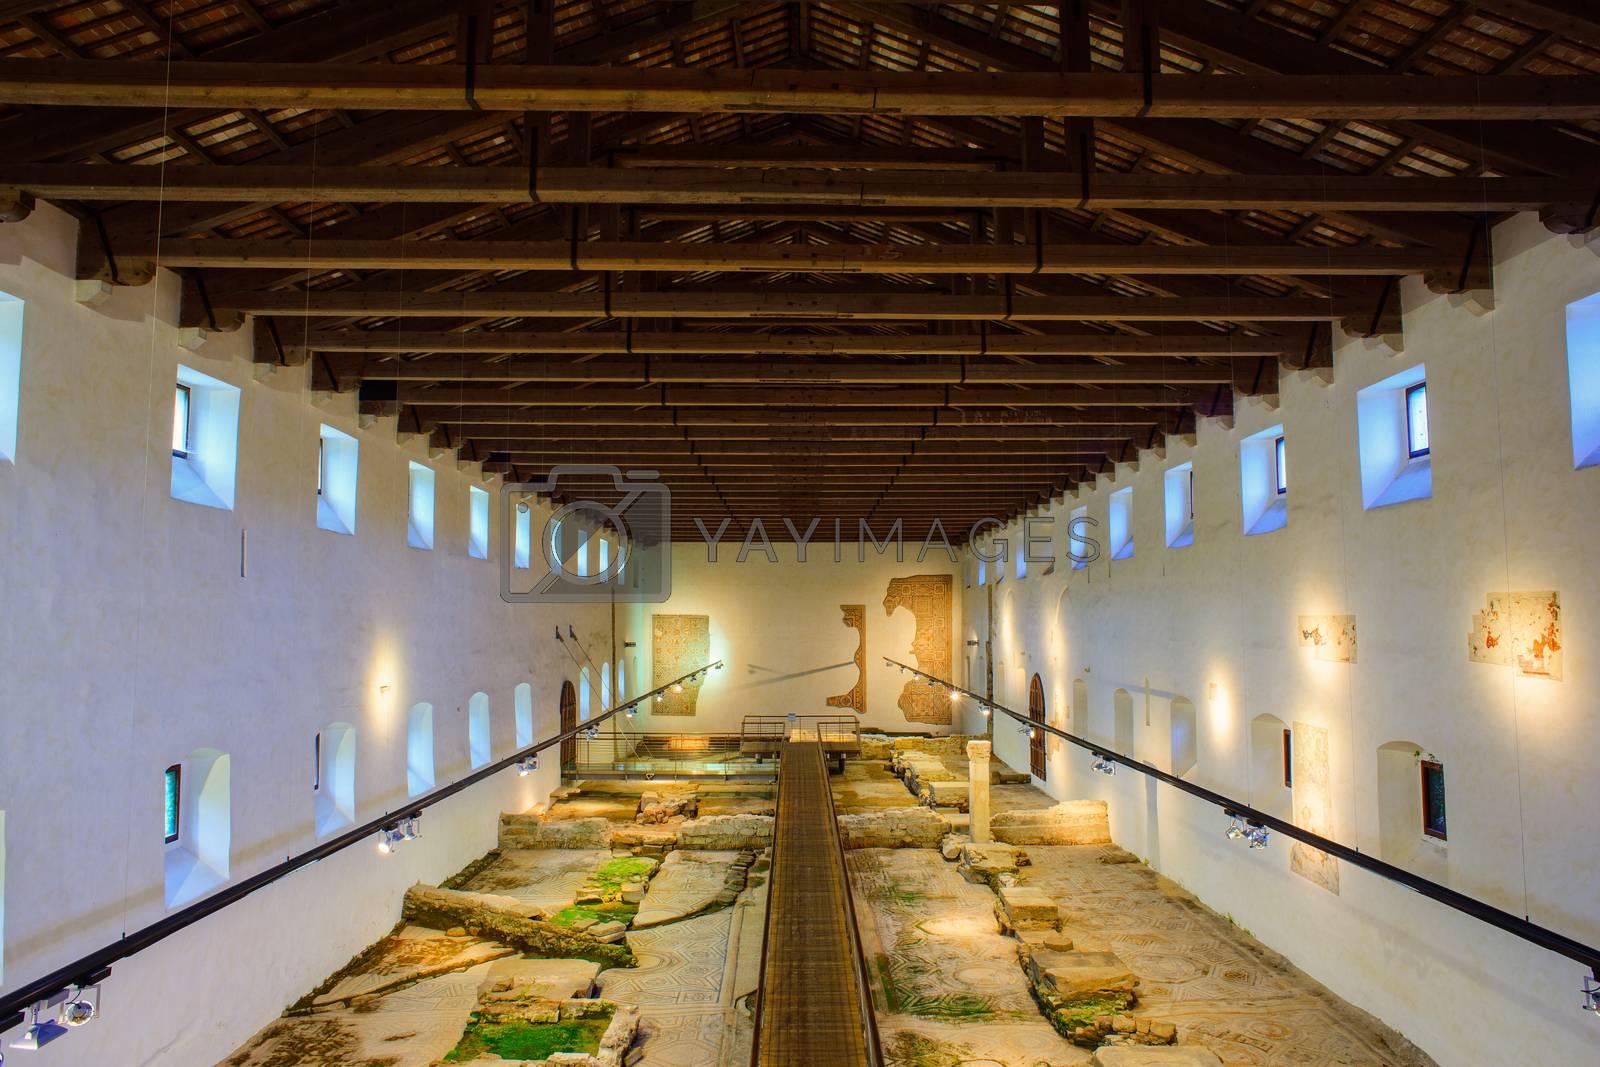 Aquileia National Archaeological Museum, Aquileia by bepsimage